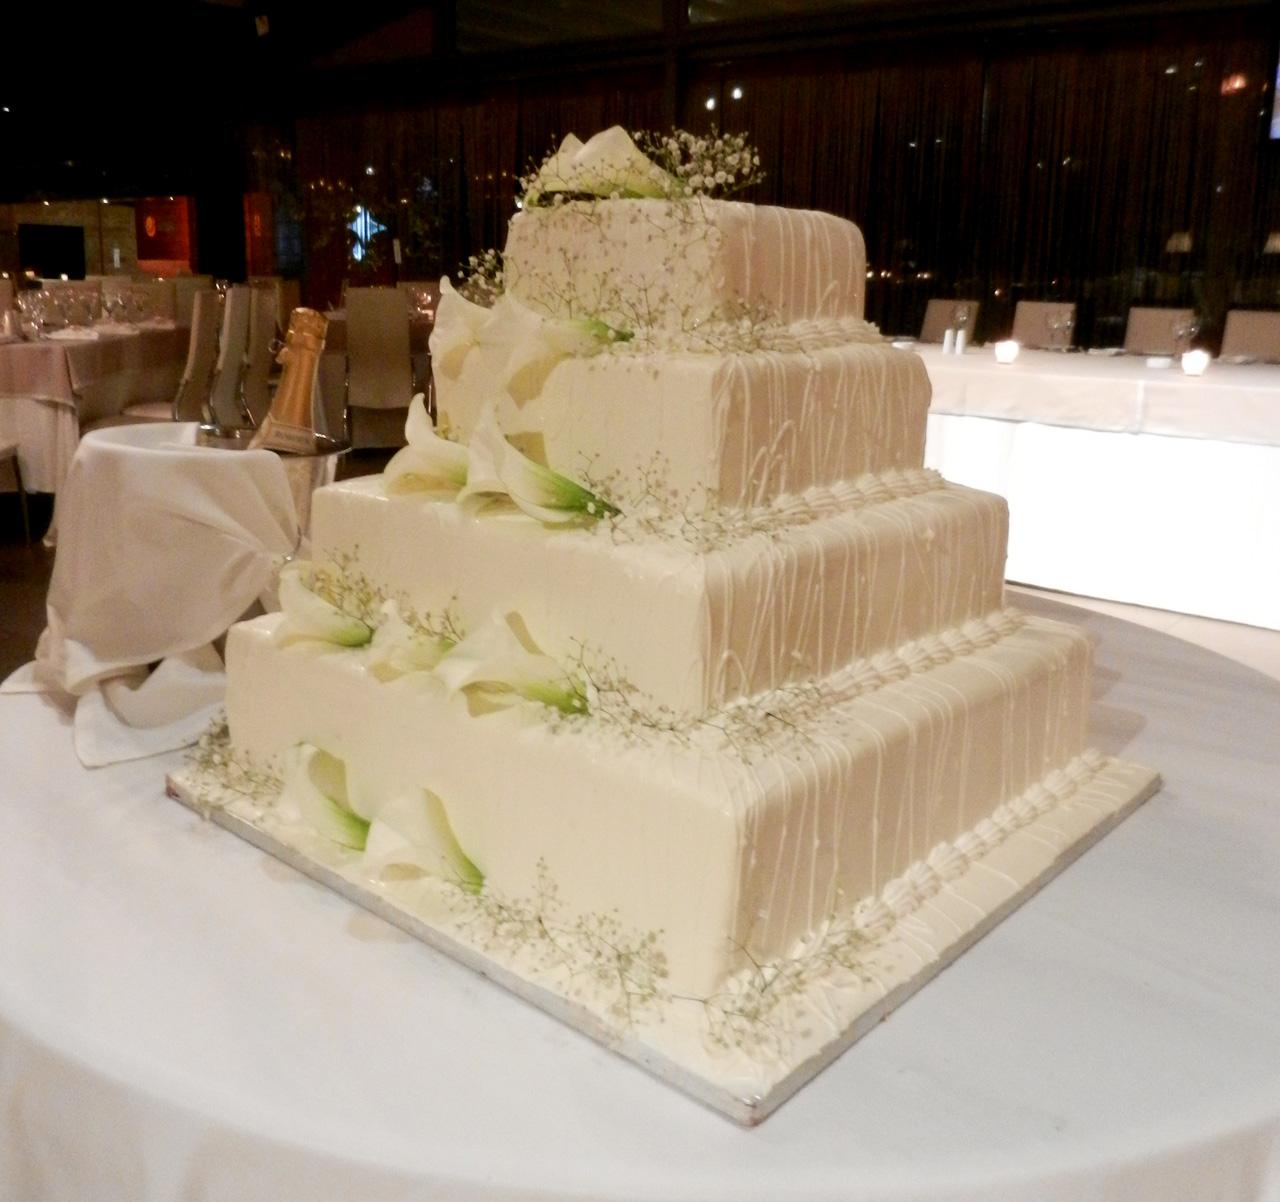 Τα διαφορετικά χρώματα μιας γαμήλιας τούρτας